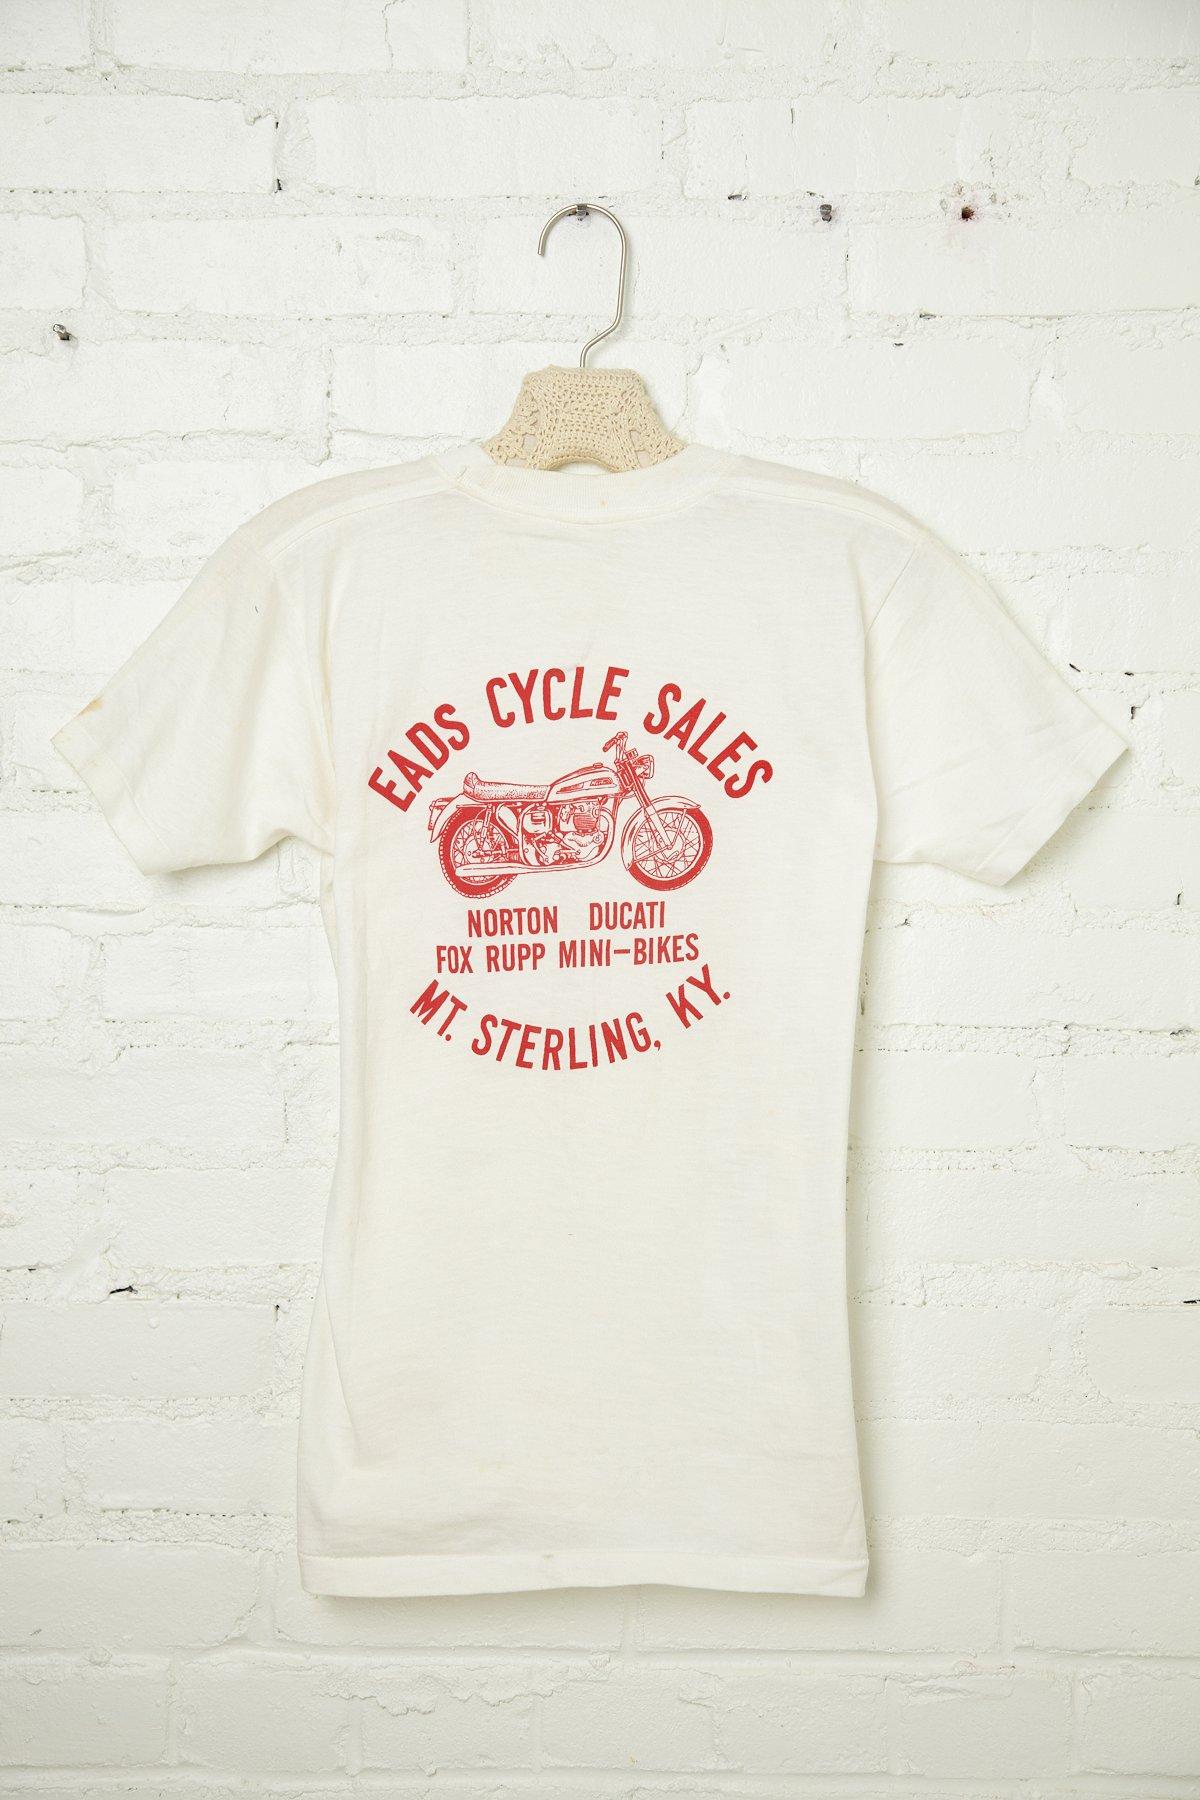 Vintage Eads Cycle Sales Tee